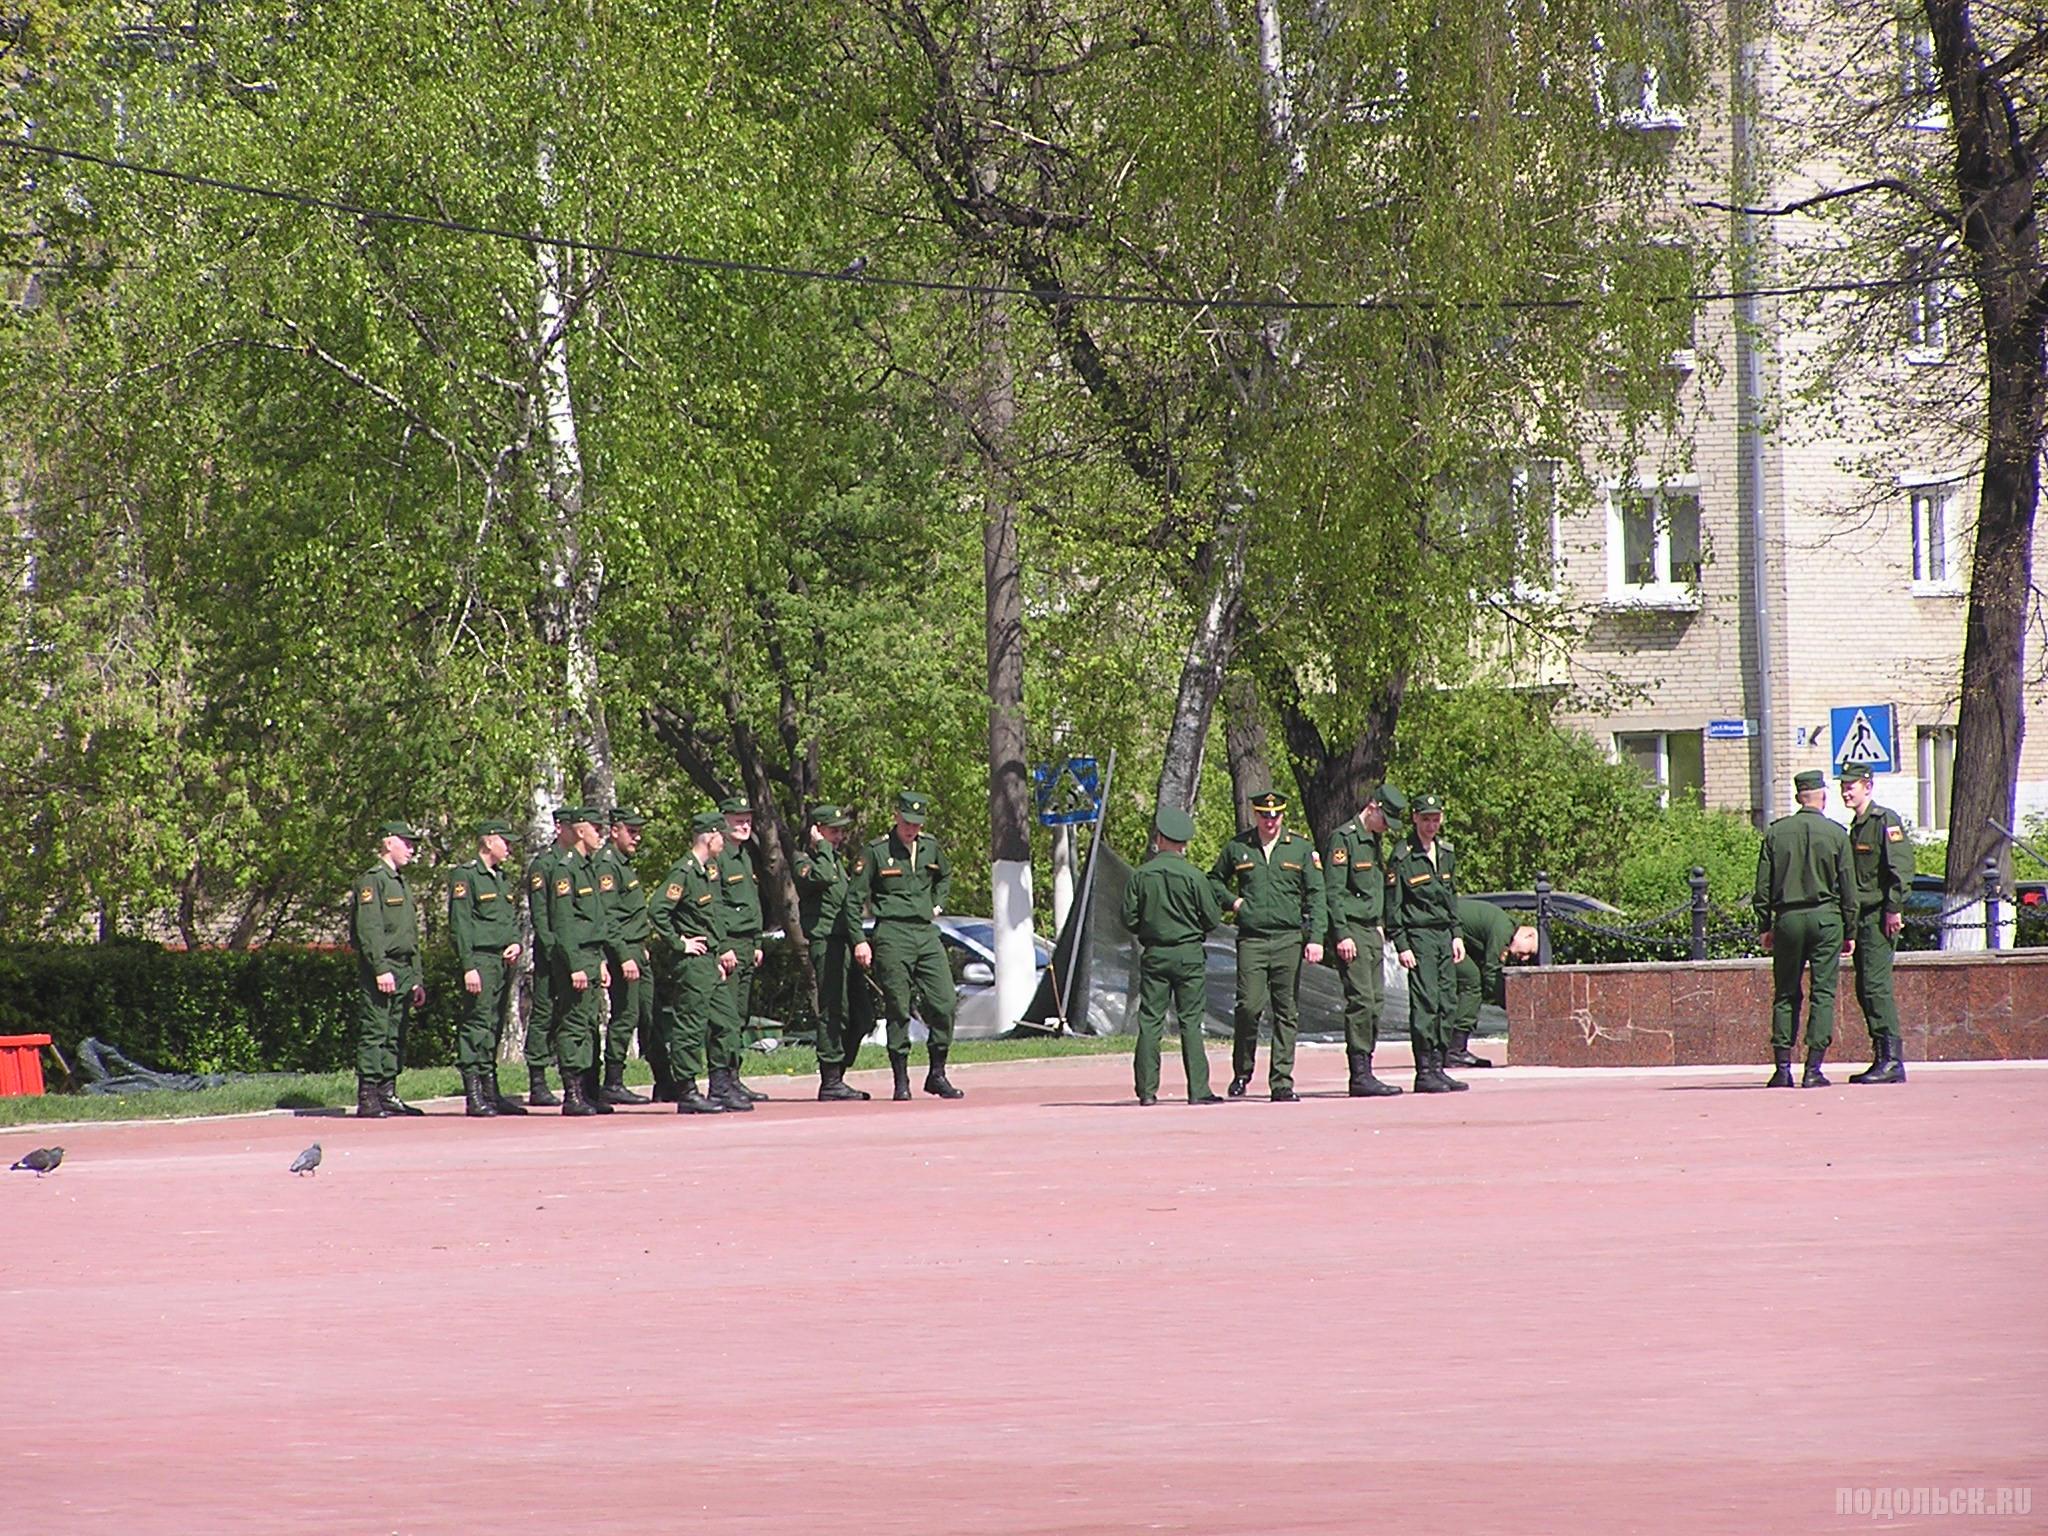 Репетиция военных на площади Славы. 6 мая 2019